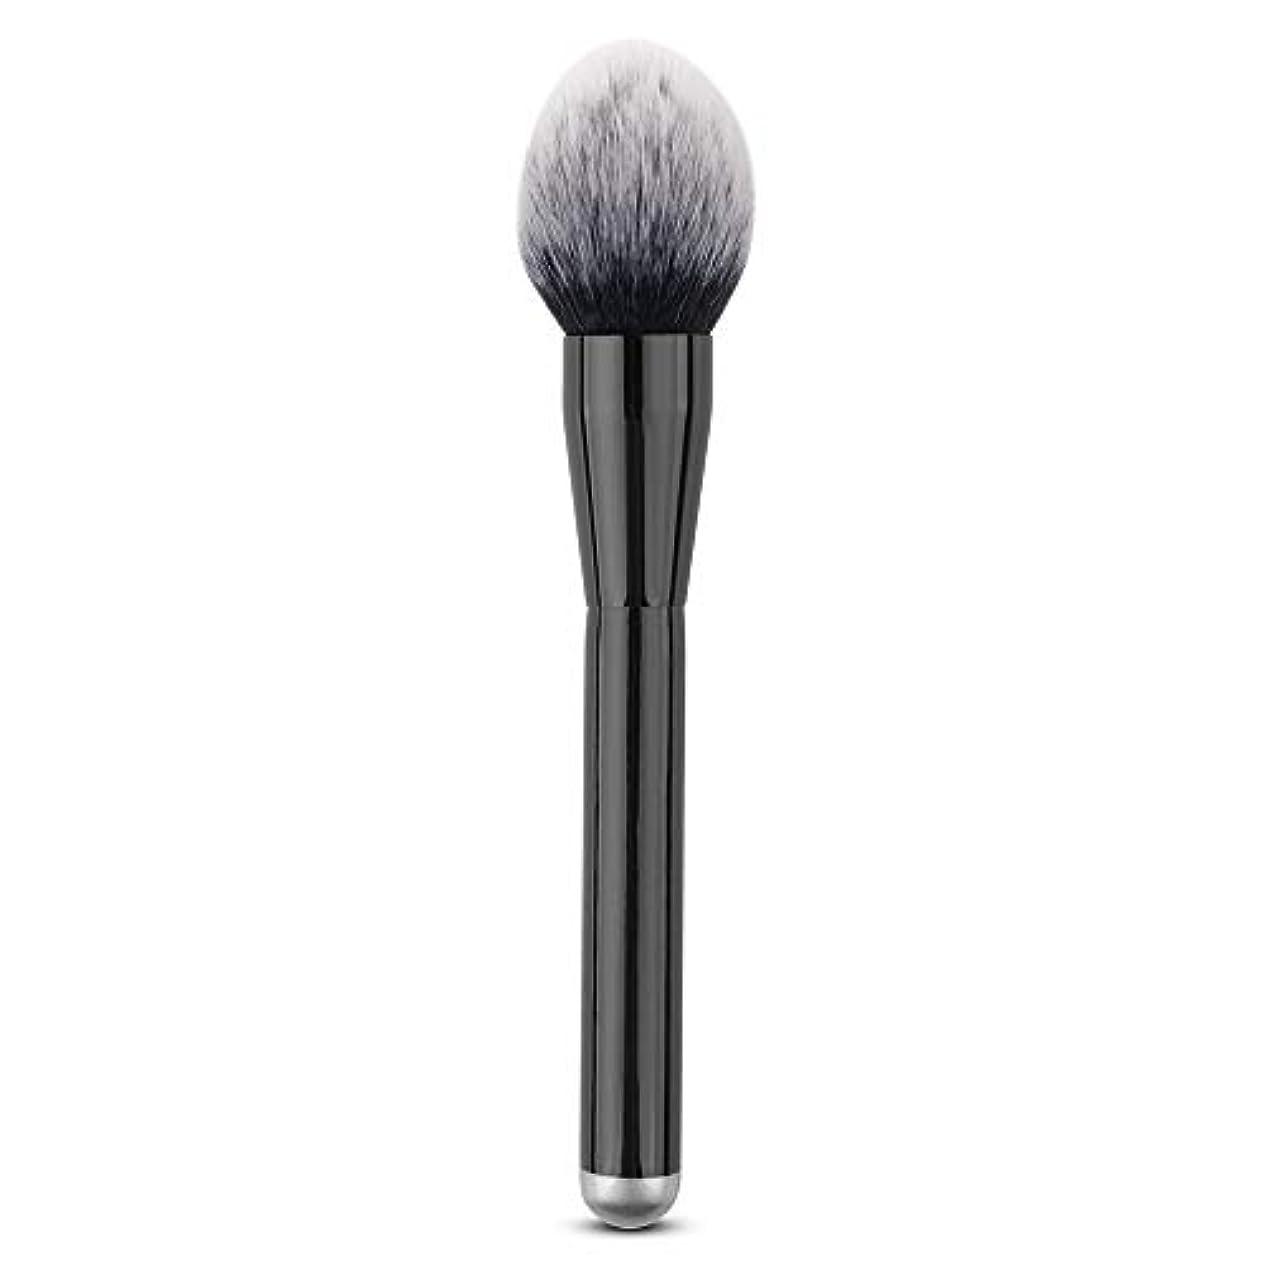 フロント魔女インドMakeup brushes 単一のブラシ巧みな構造のブラシ柔らかいブラシPerdurableおよび携帯用構造専門の構造のブラシ suits (Color : Black)